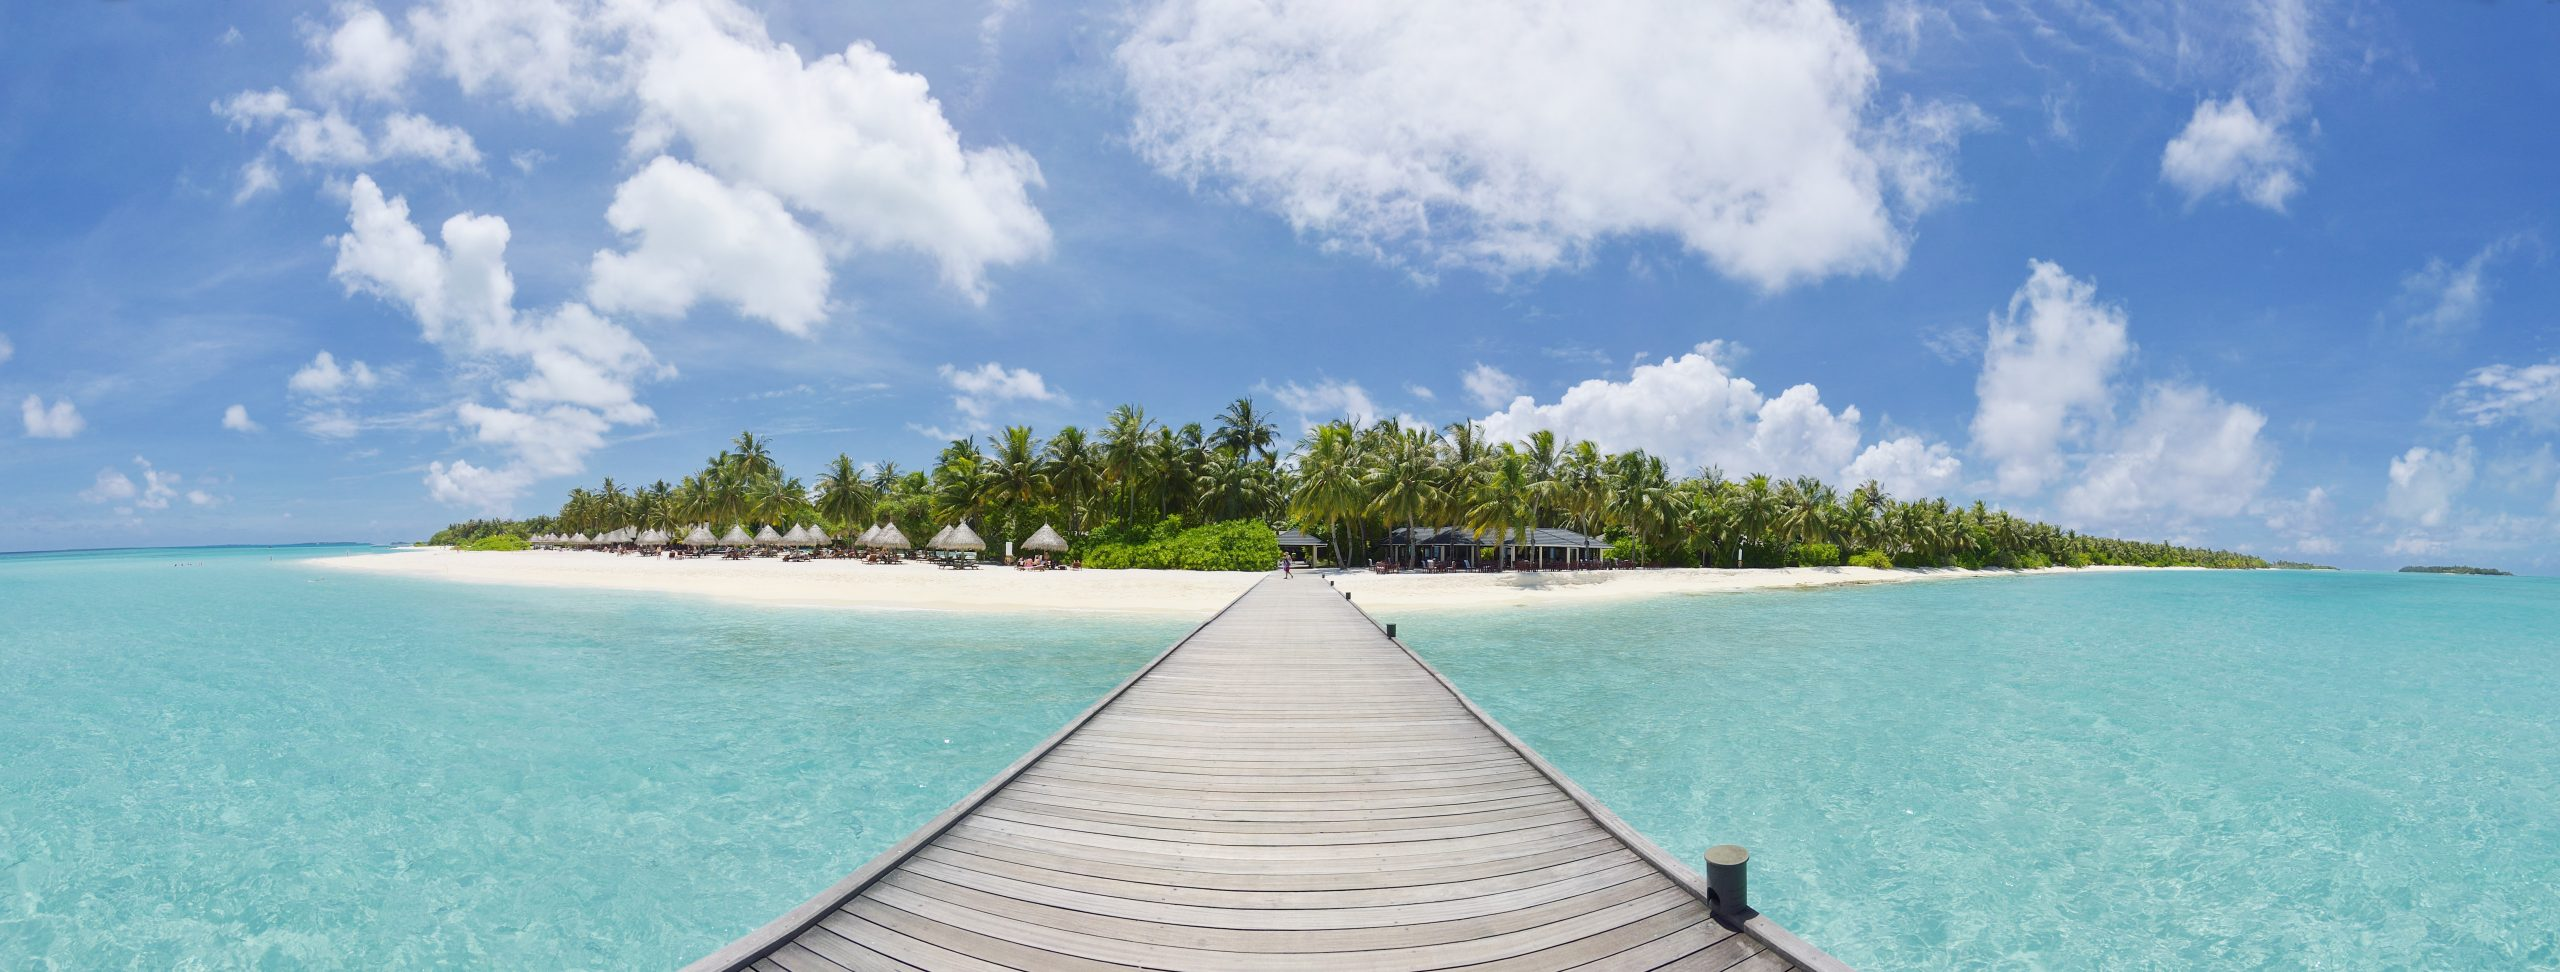 Sun island resort maldiverna